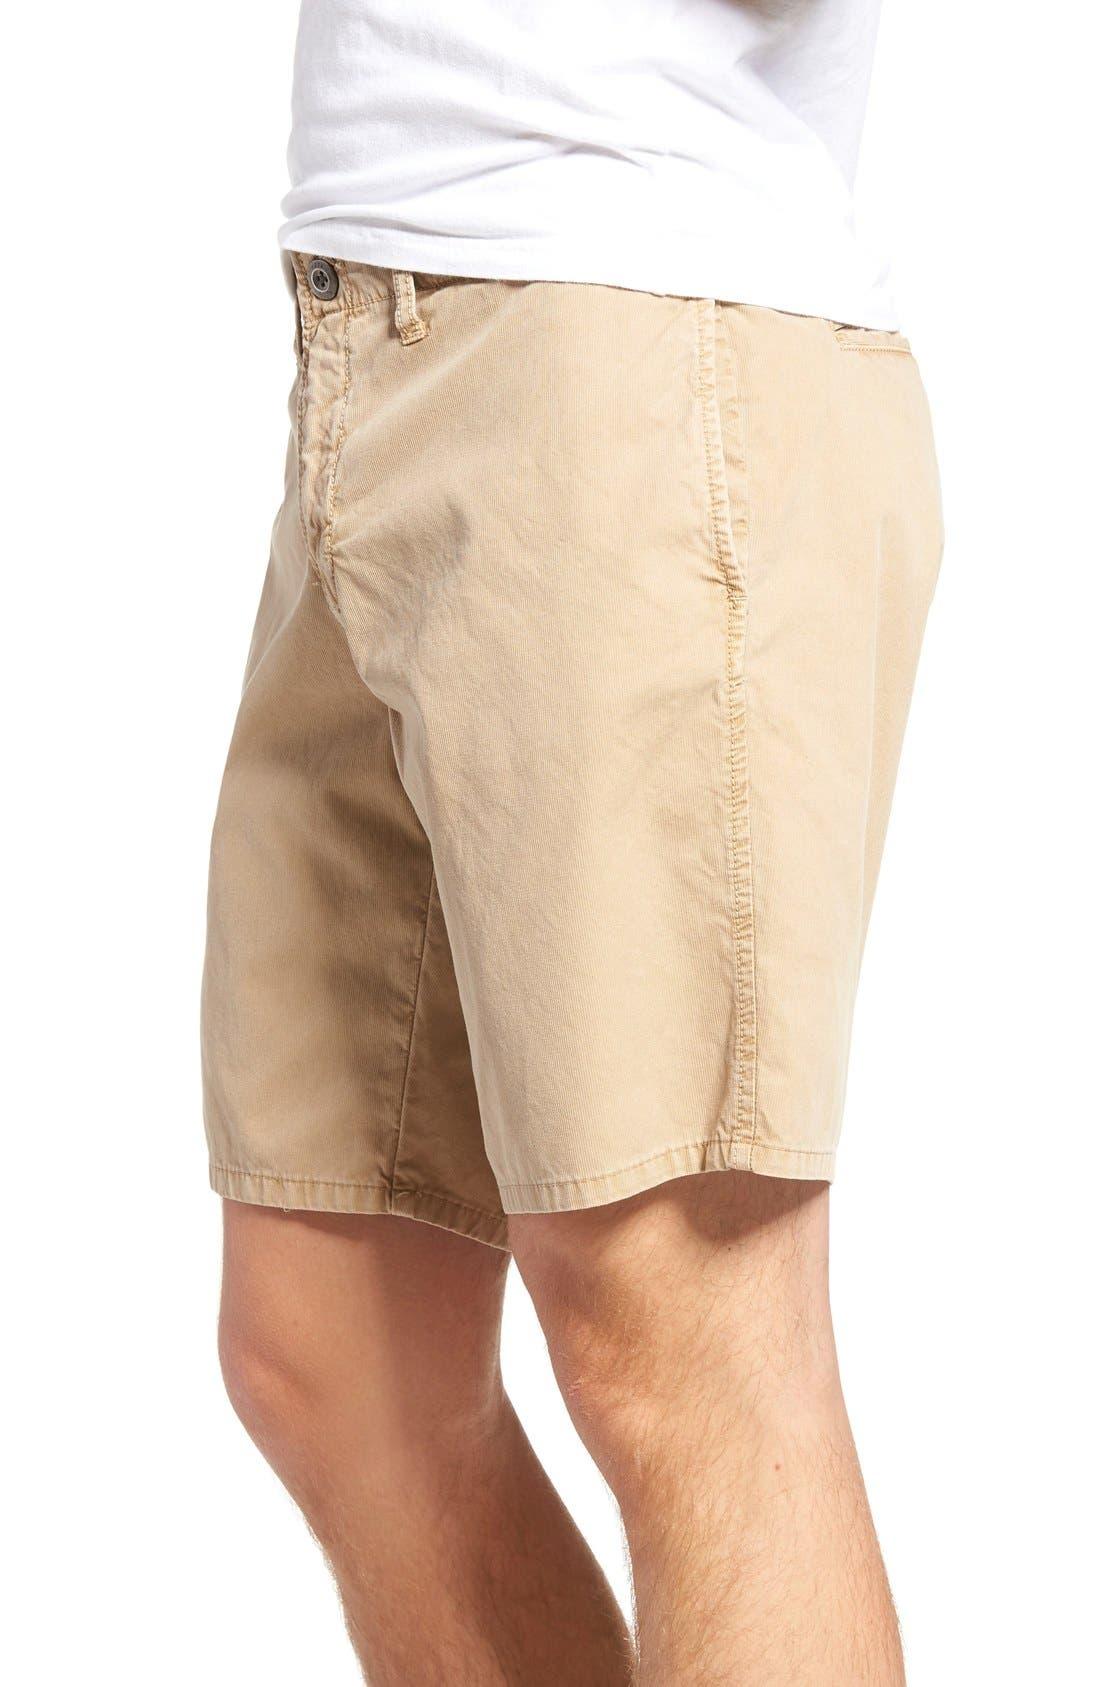 St. Martin Bedford Cord Shorts,                             Alternate thumbnail 3, color,                             Khaki